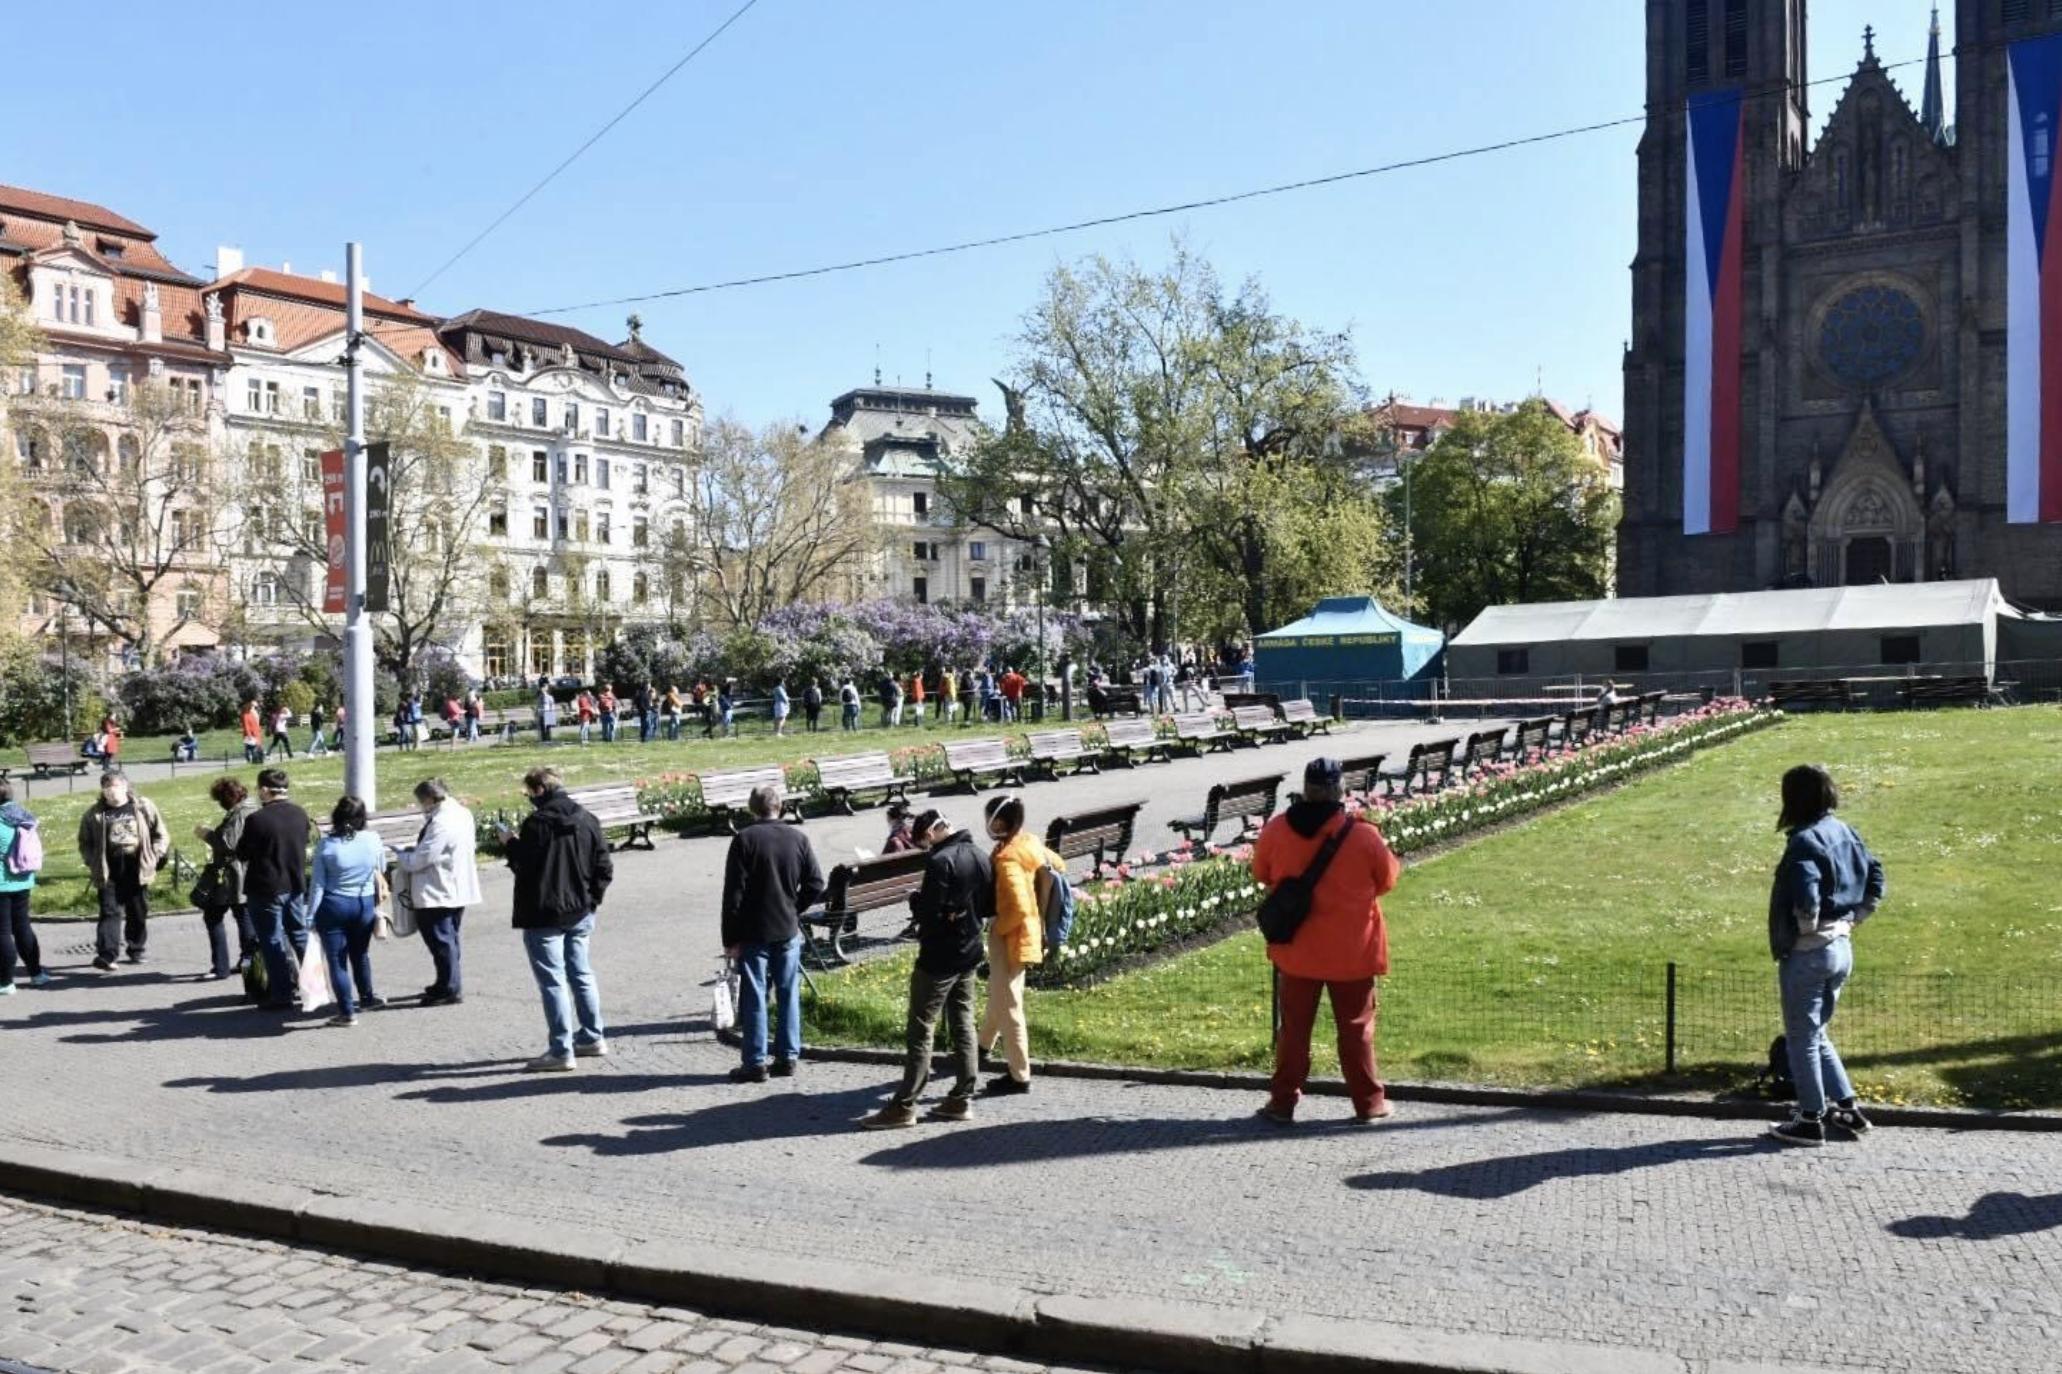 Vezető képünkön sorban álló embereket látnak a prágai Béke-téren (Námestí míru), ahol 2020 április 23-án megkezdődött az országos területi tesztelés a koronavírus ellen. A sorban várakozók két méter távolságot tartanak be egymás között. Fotó: Michaela Danelová, Forrás: Český rozhlas.